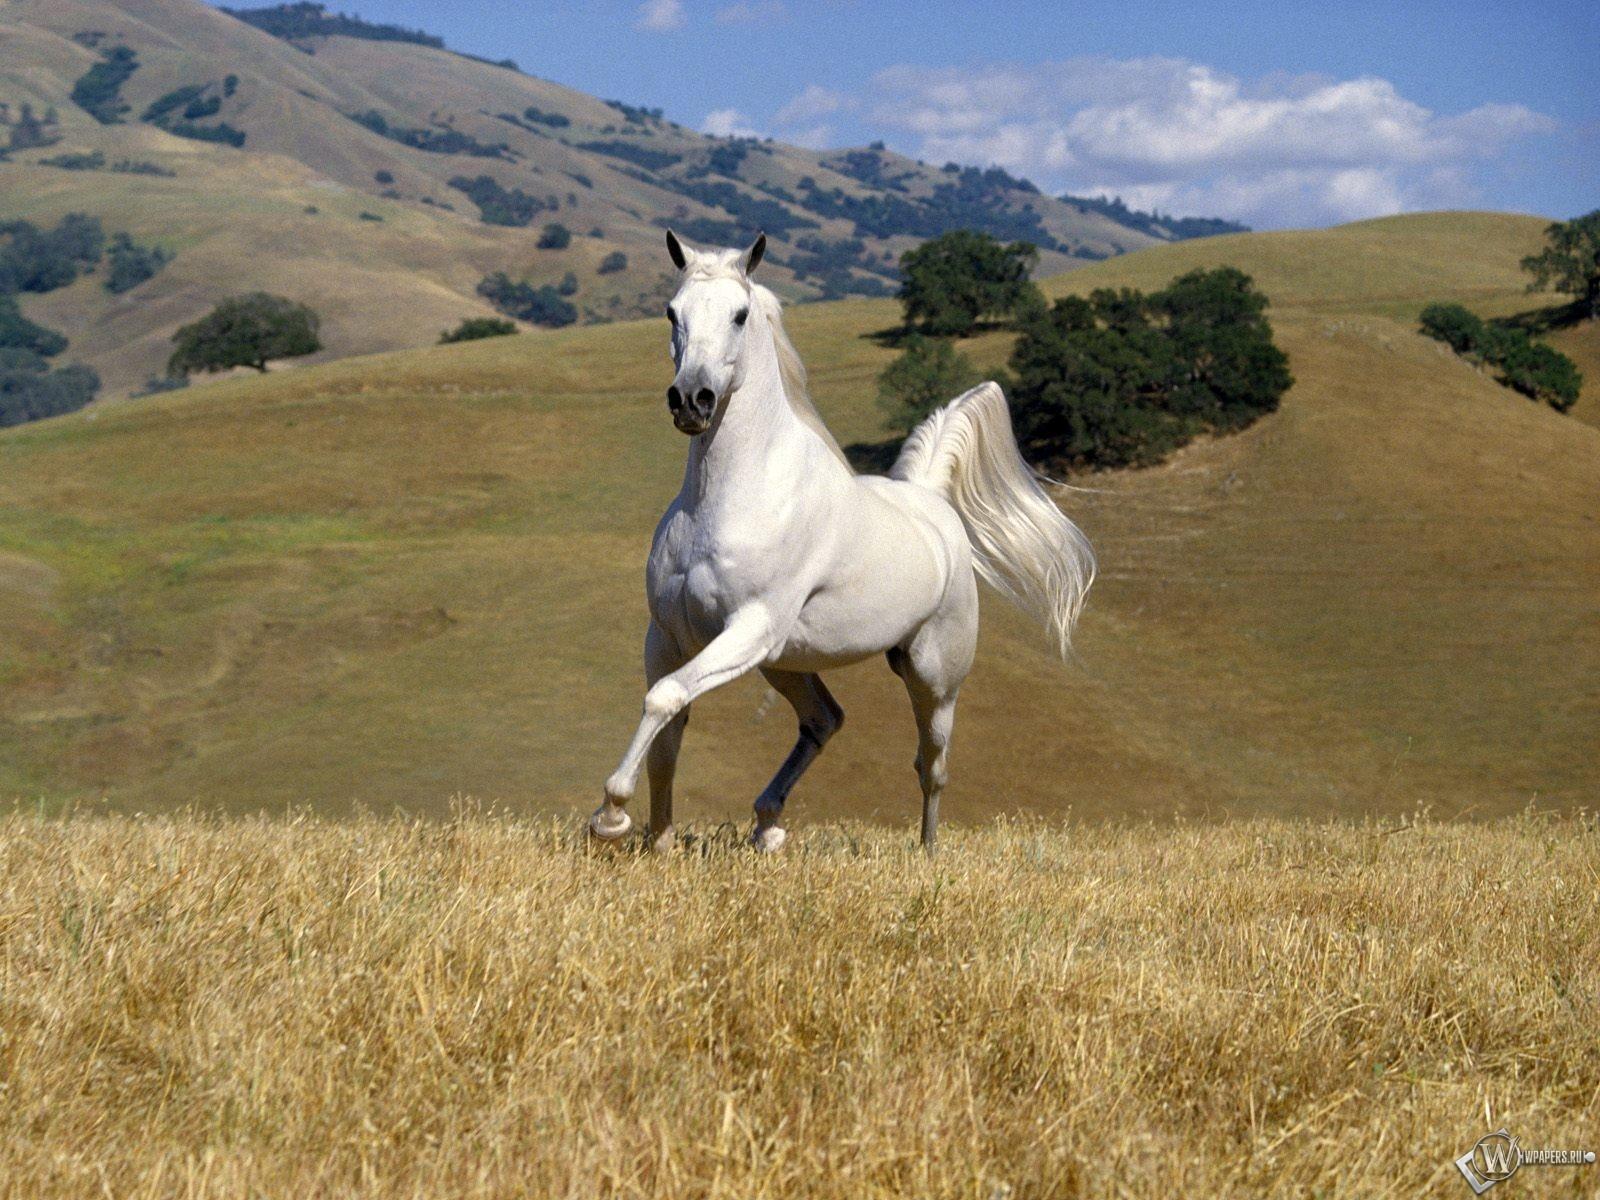 Белый конь бегает в поле 1600x1200